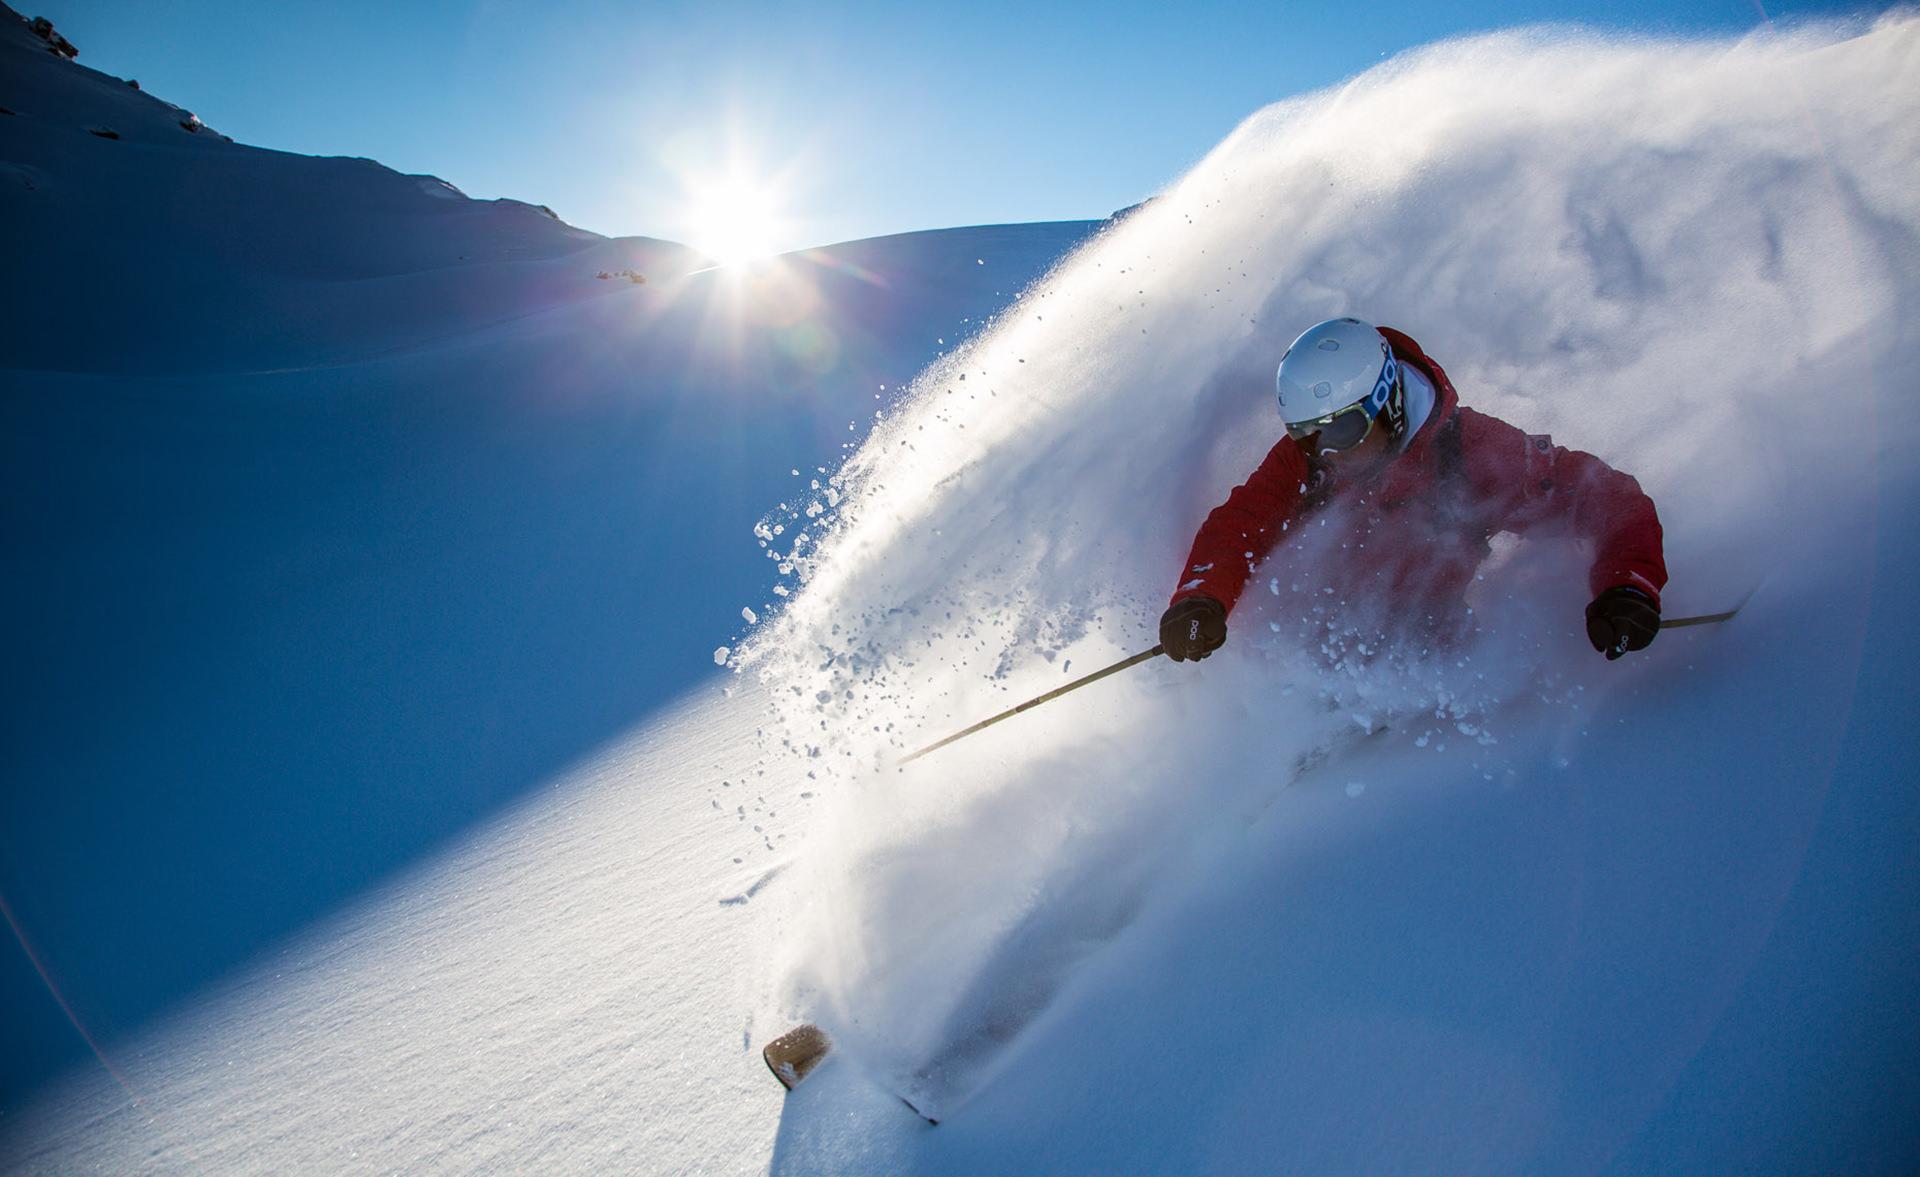 ski-freeride-schnee-fun-sun